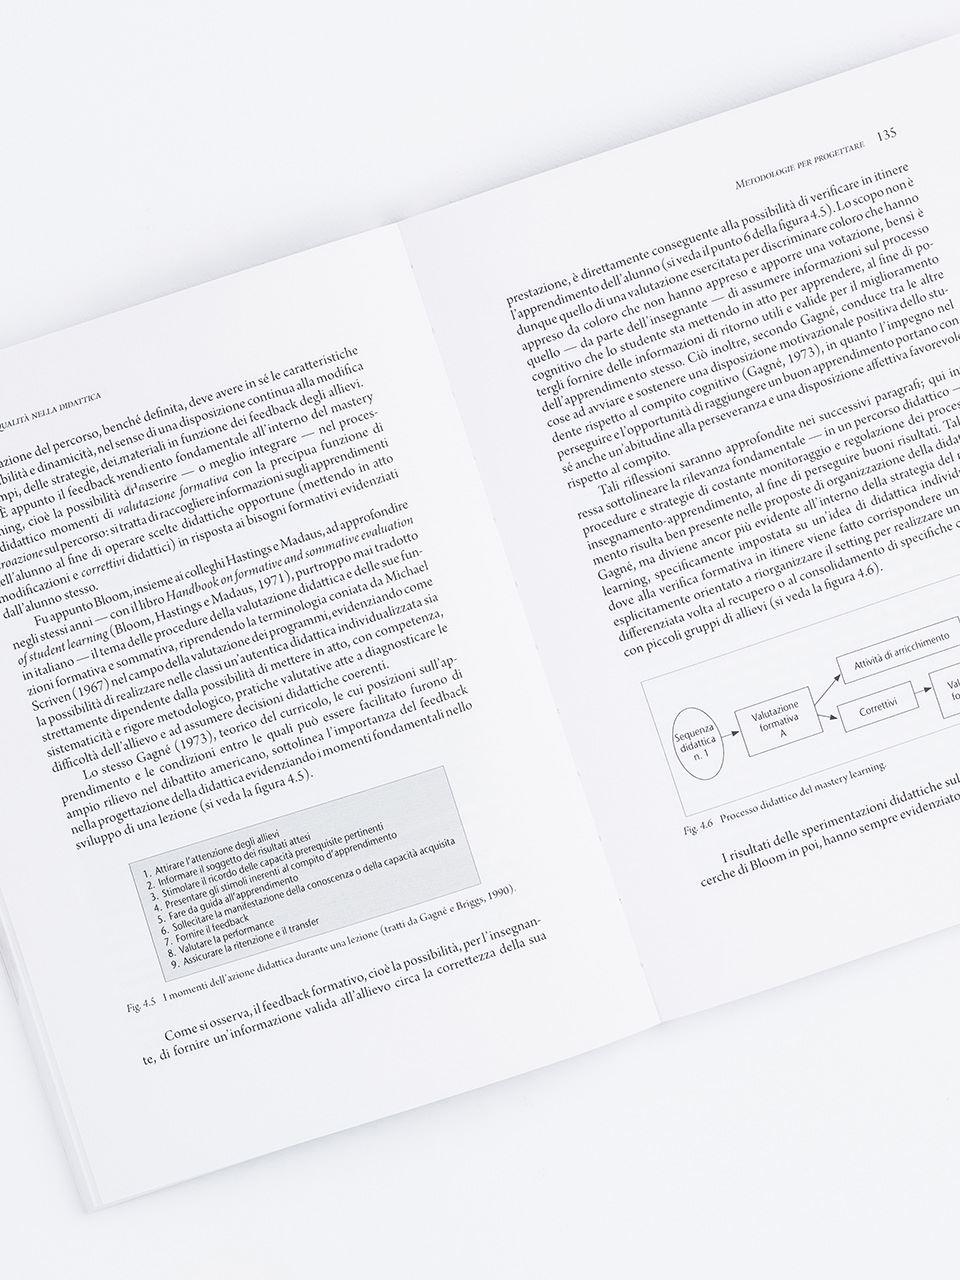 La Qualità nella didattica - Libri - Erickson 2